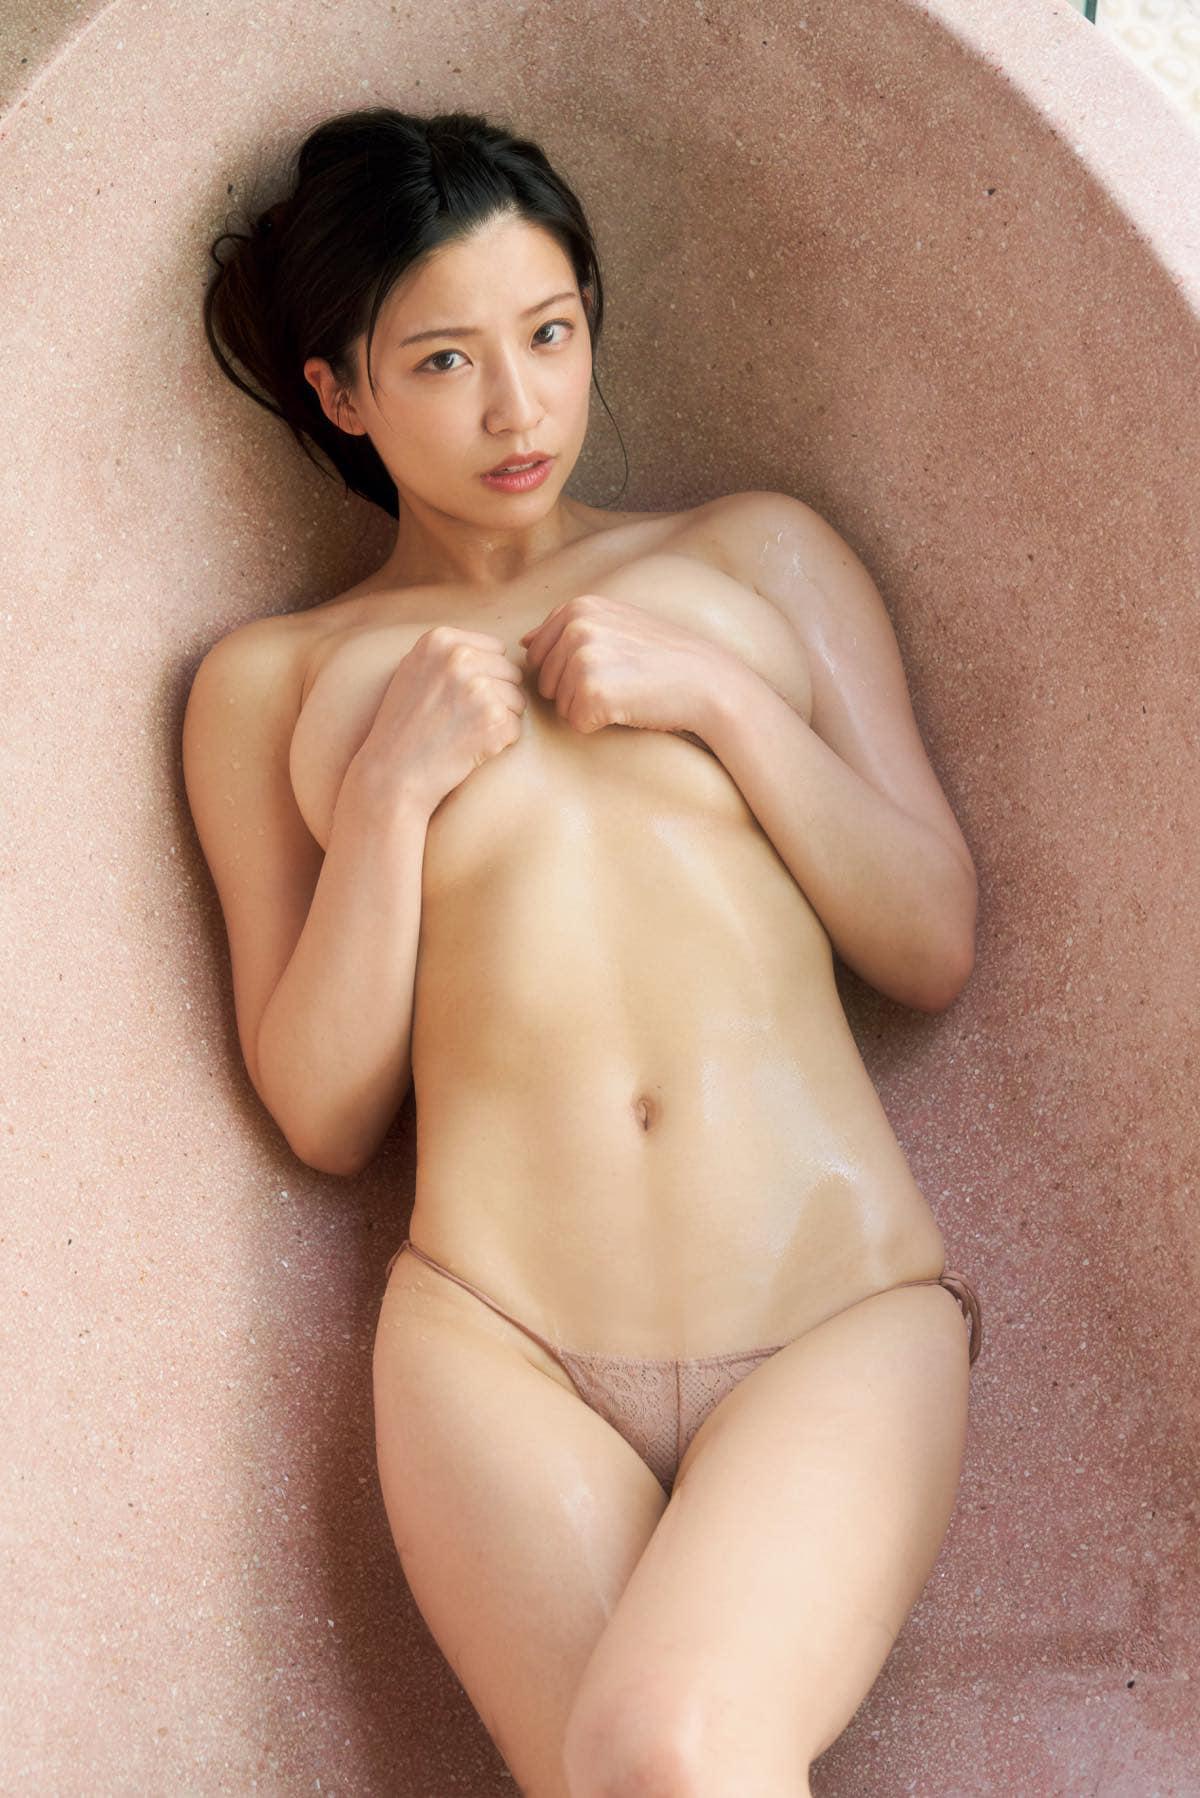 佐野マリア「ほぼ生まれたまま」大胆すぎる入浴姿【写真7枚】の画像001